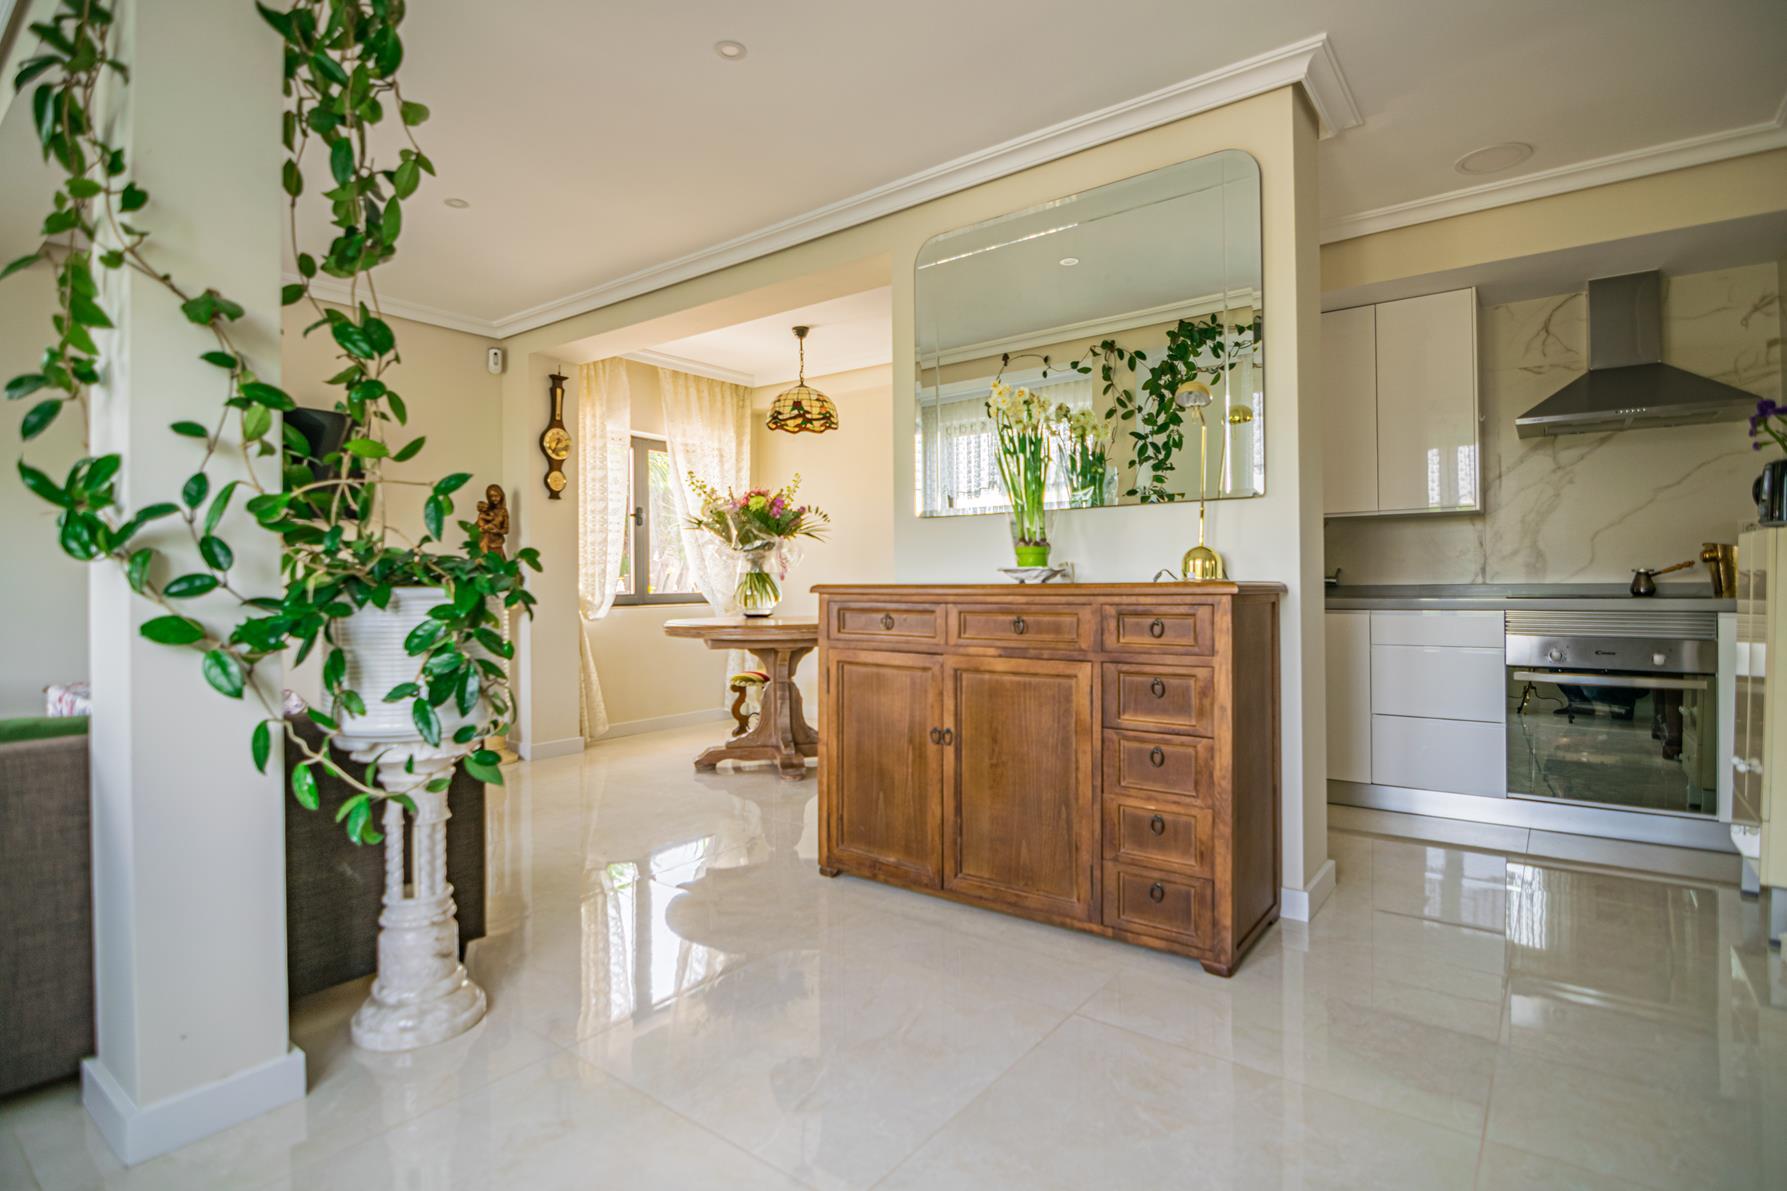 Chalet   Villa en venta en Albir con apartamento de invitados